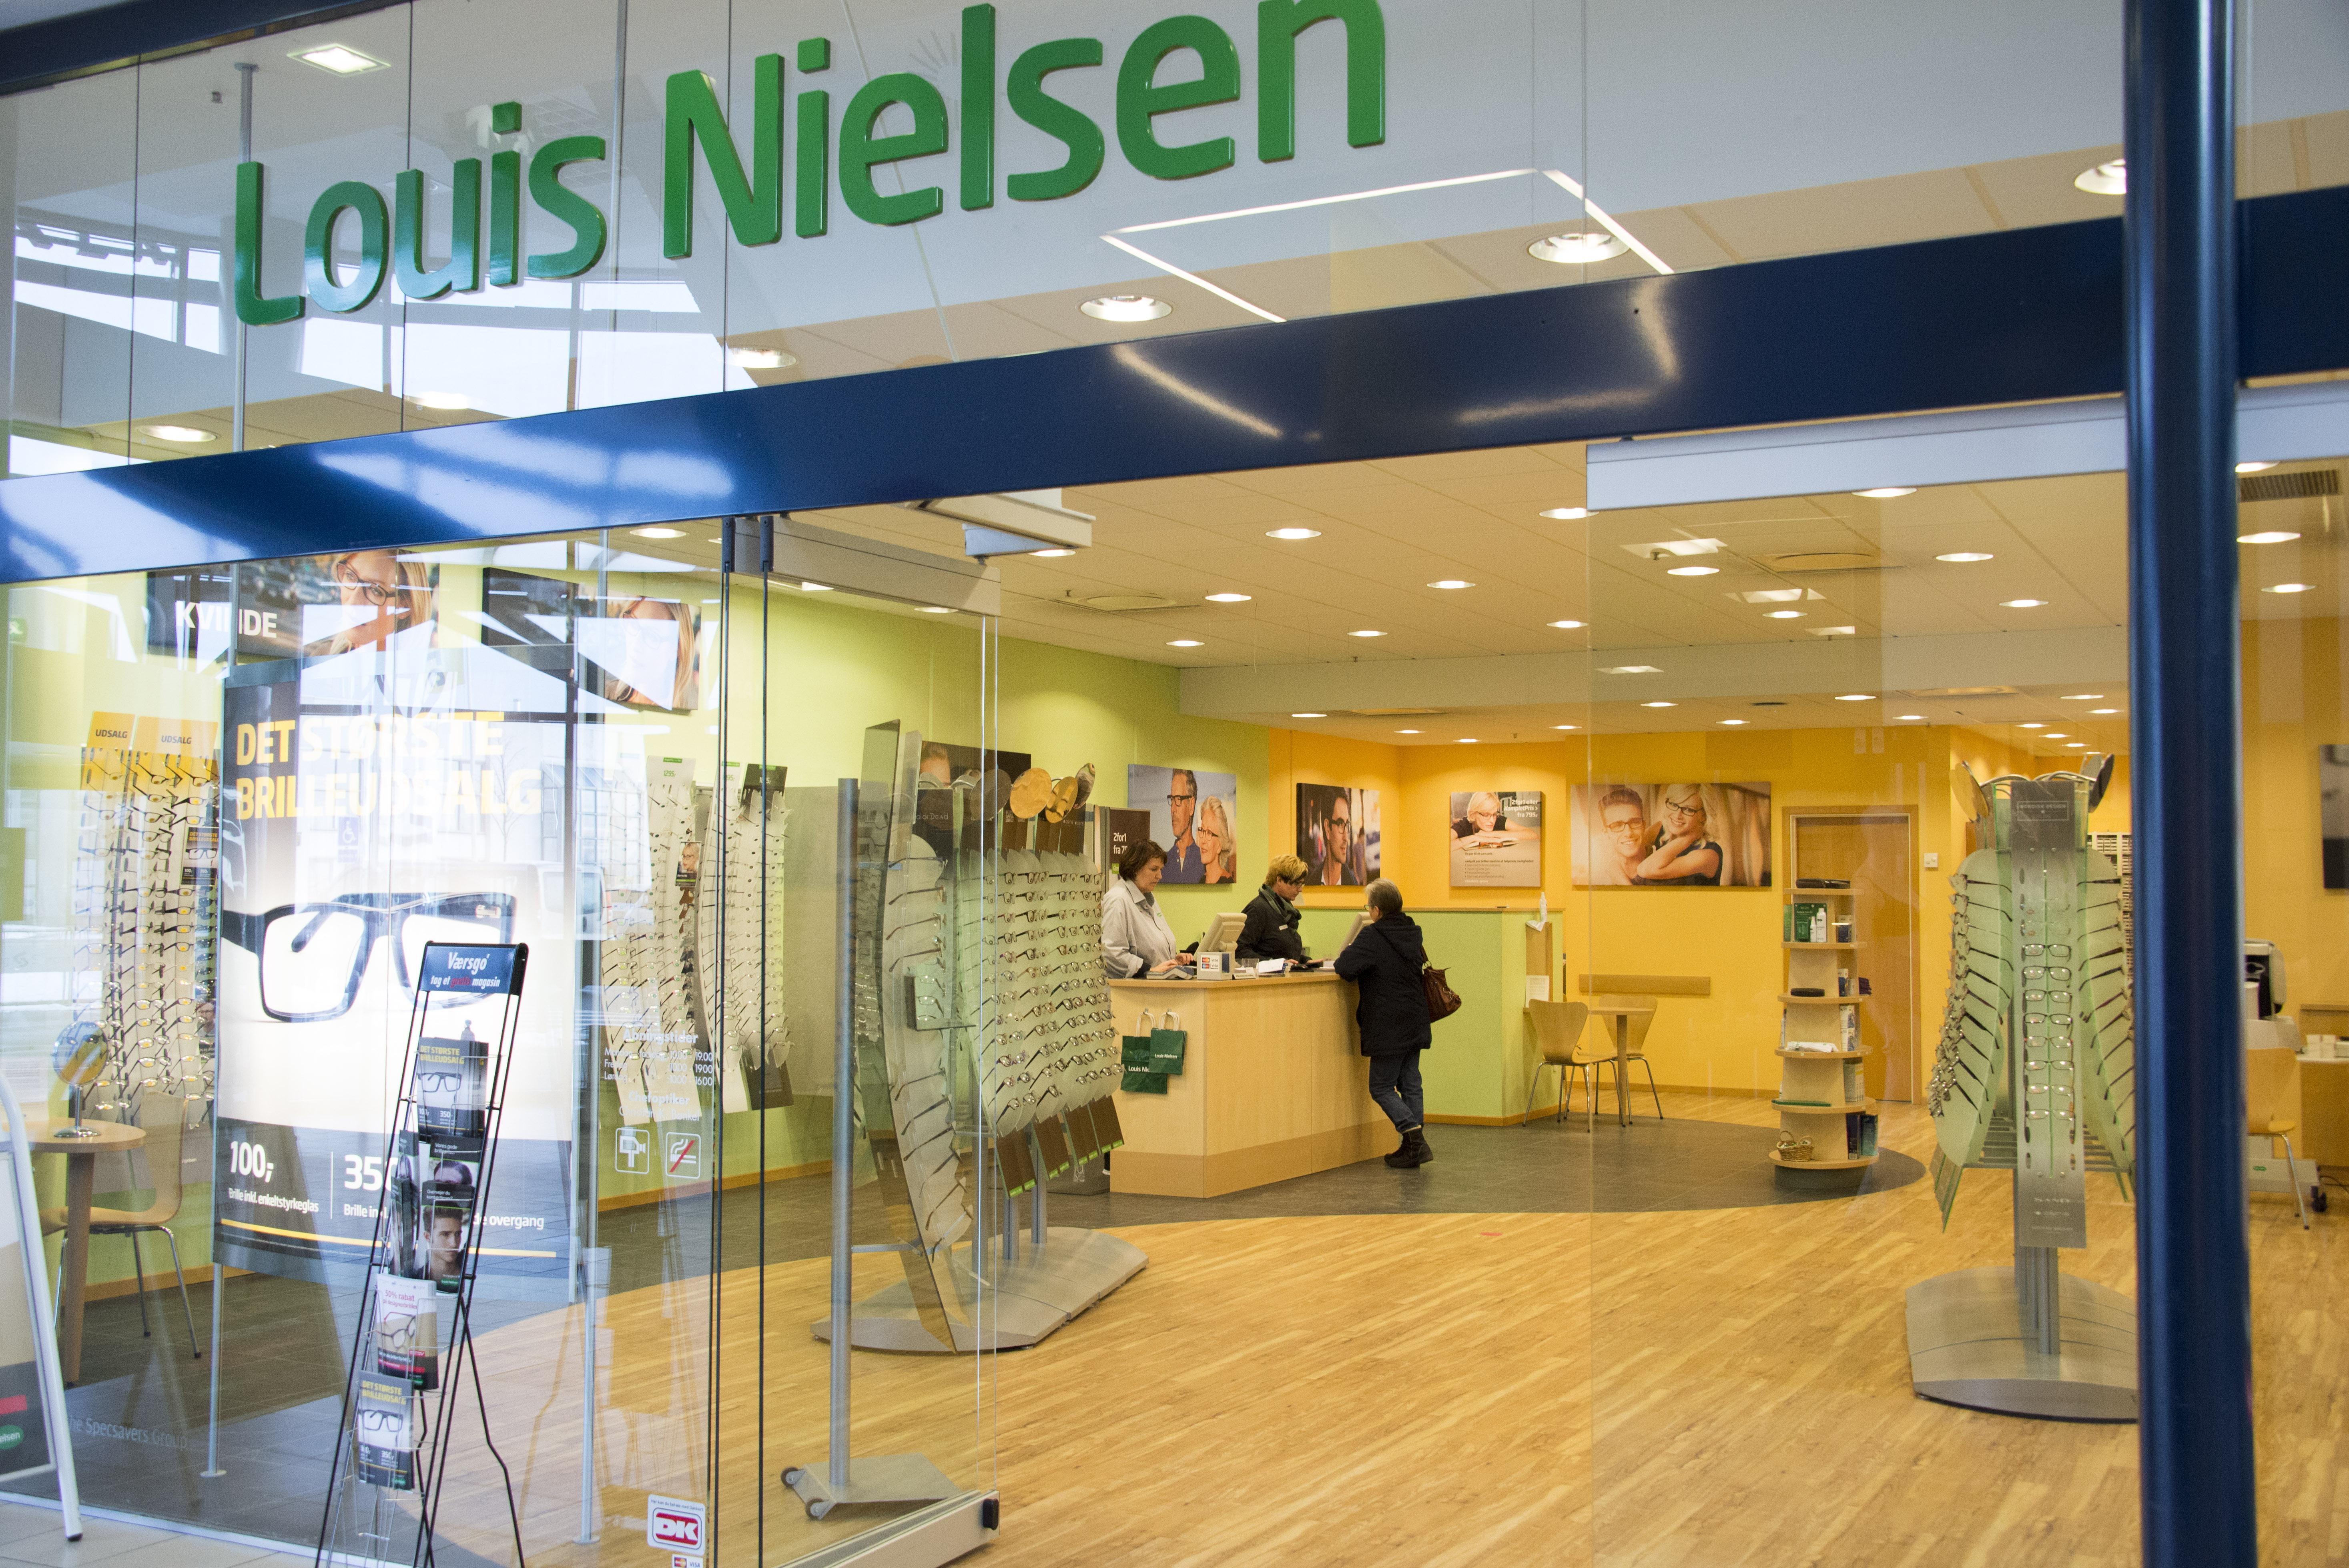 fde119d1f73f Louis Nielsen i Ringsted præsenterer ny chefoptiker - RetailNews